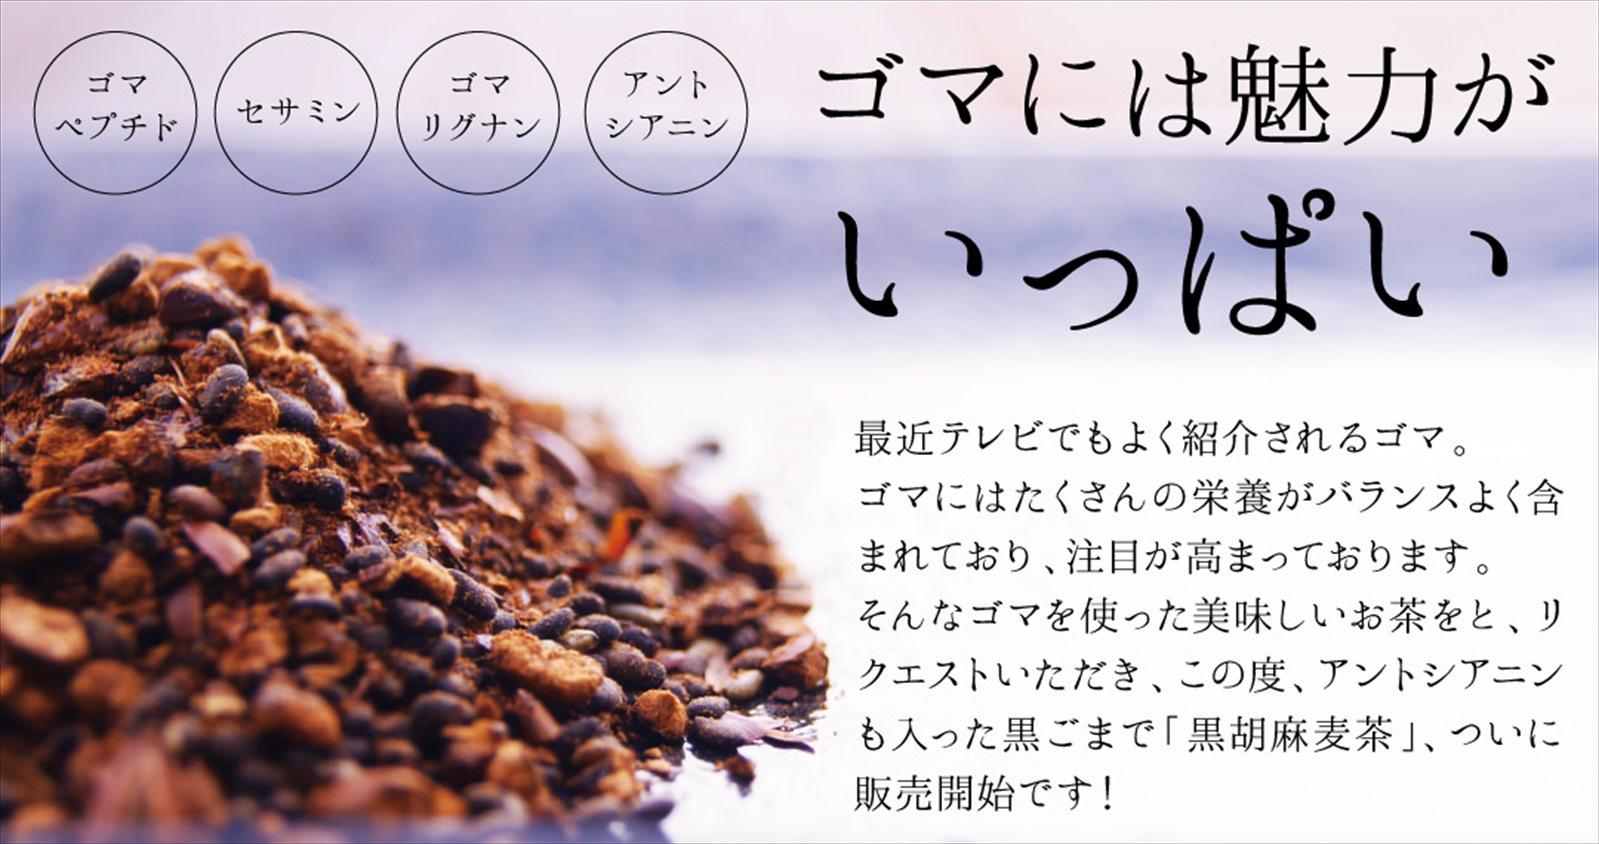 黒胡麻麦茶 ティーバッグ5g40包入り 黒ごま ゴマ 送料無料 ゴマペプチド アントシアニン ゴマリグナン